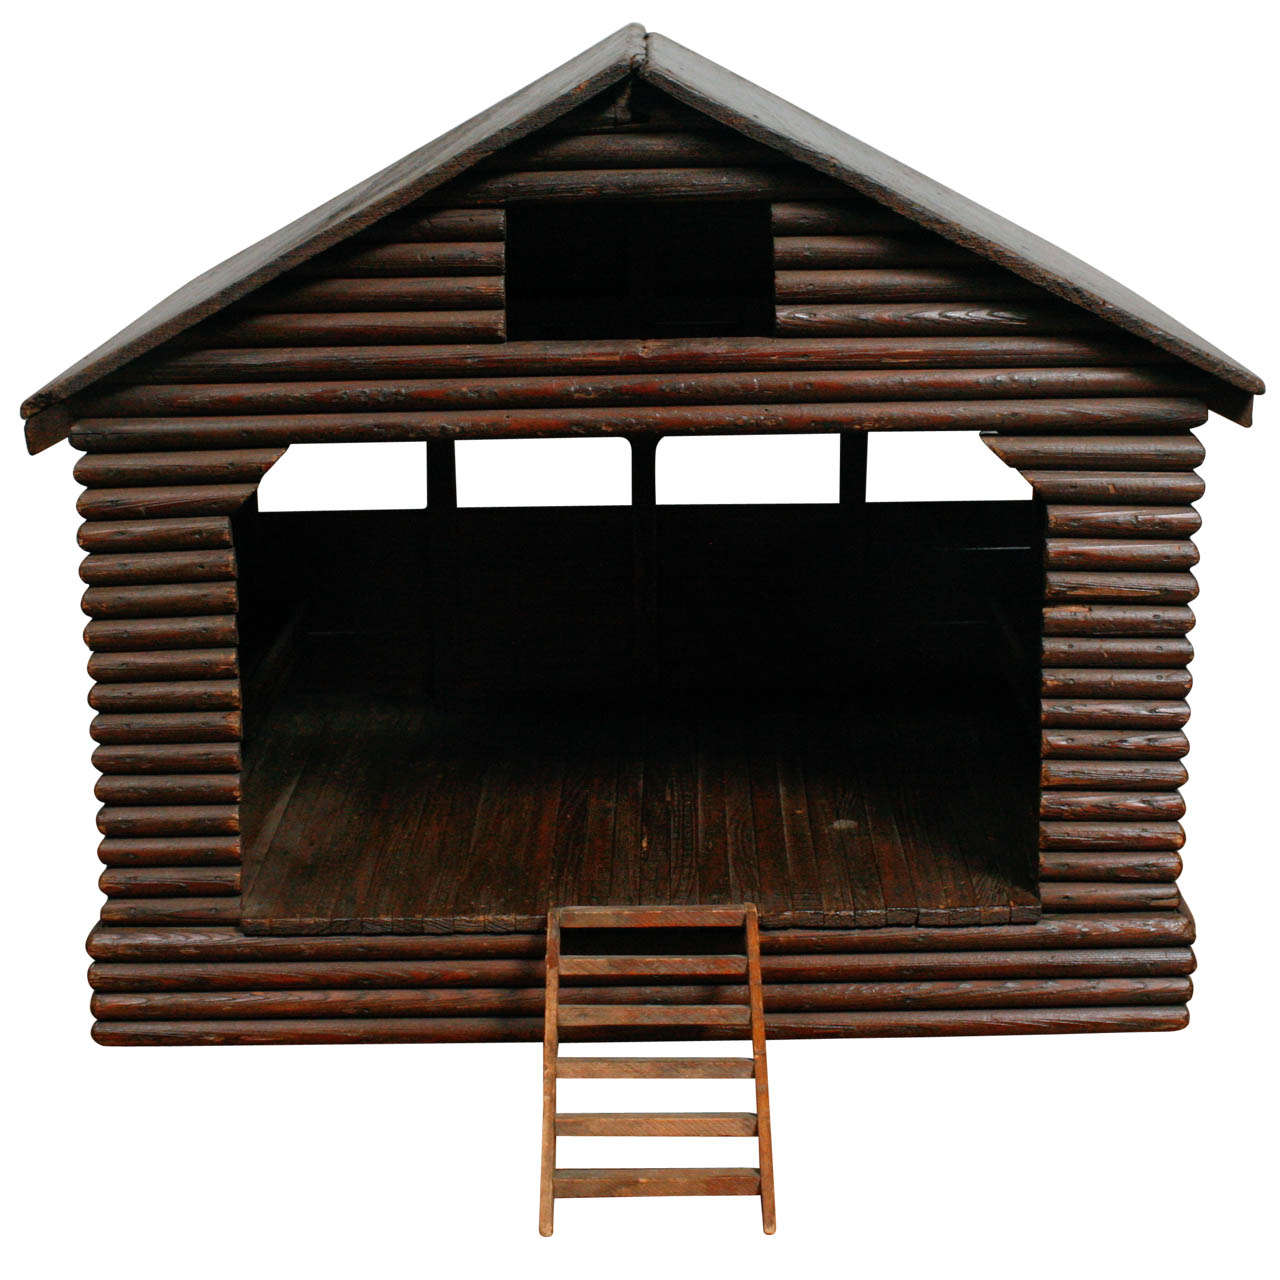 American Folk Art Barn/ Horse Stable Model